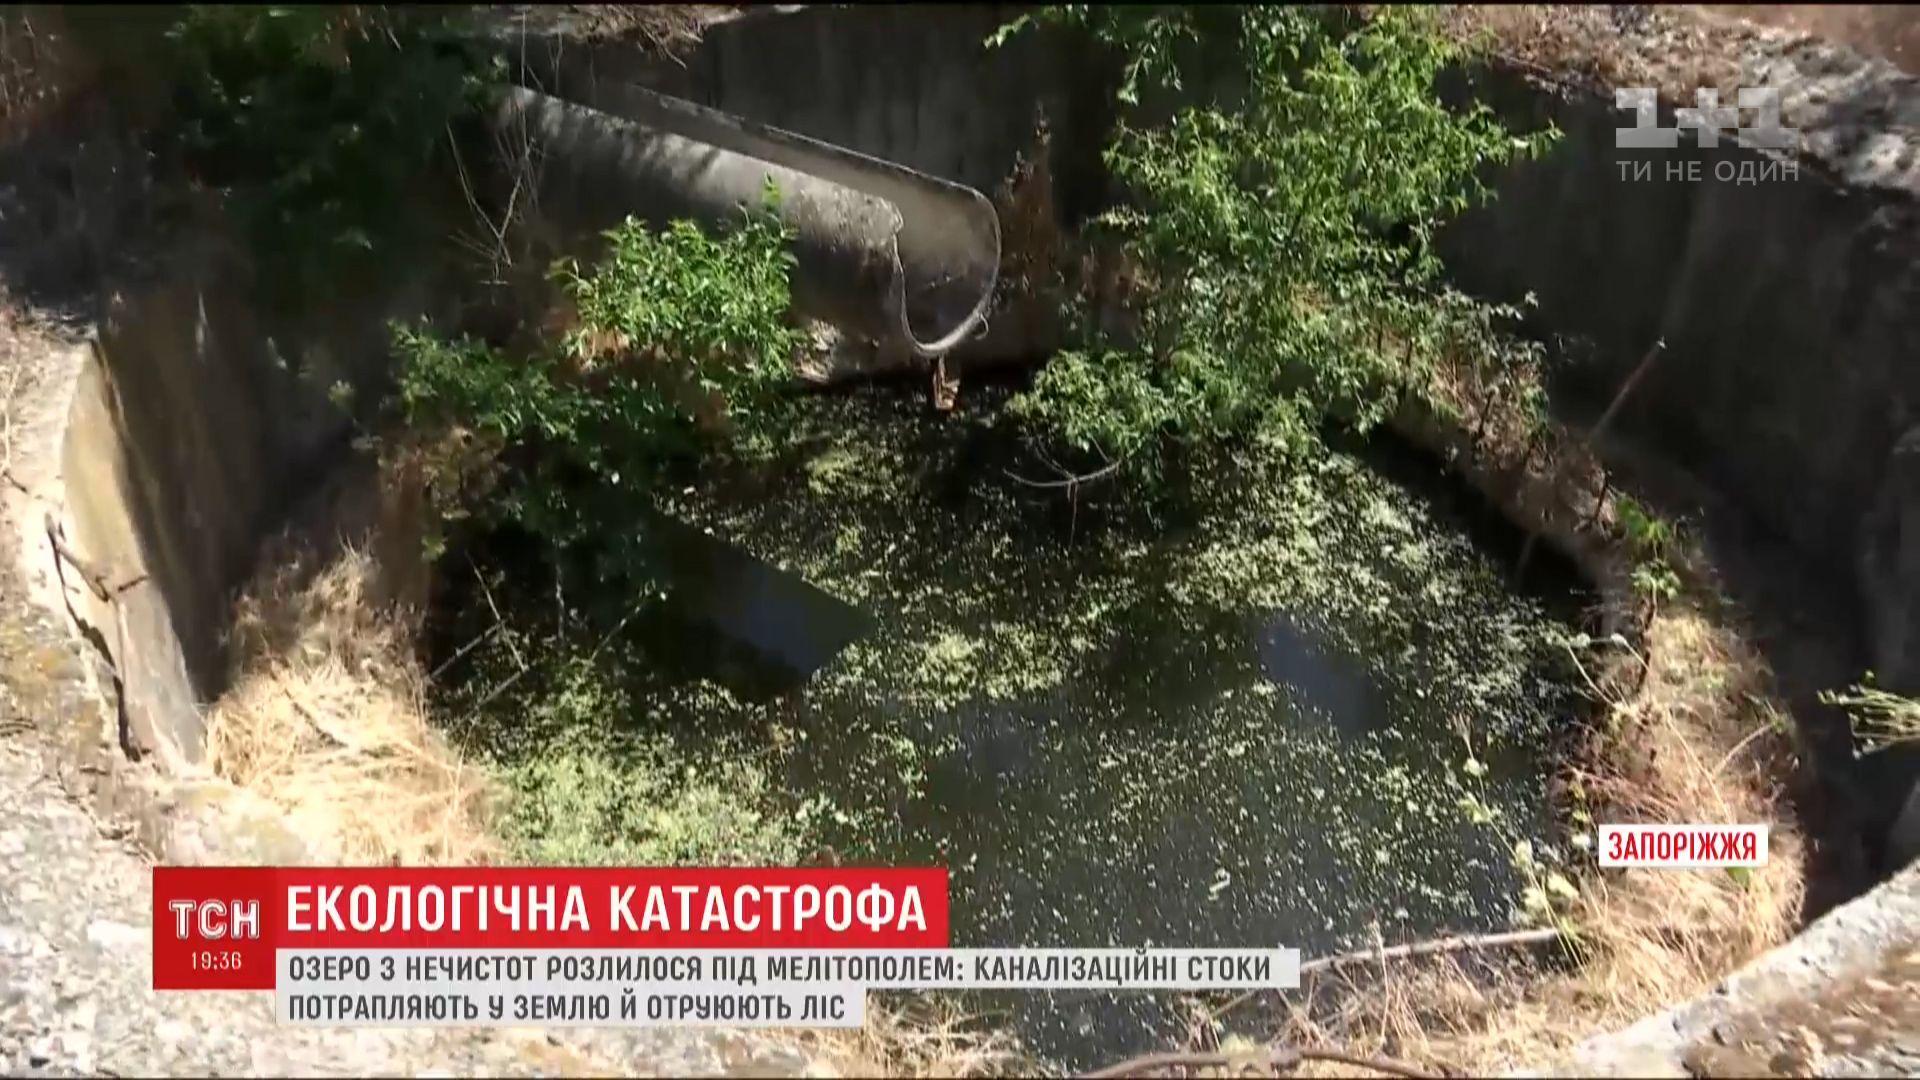 Озеро изнечистот приблизилось кобъекту ЮНЕСКО вгосударстве Украина